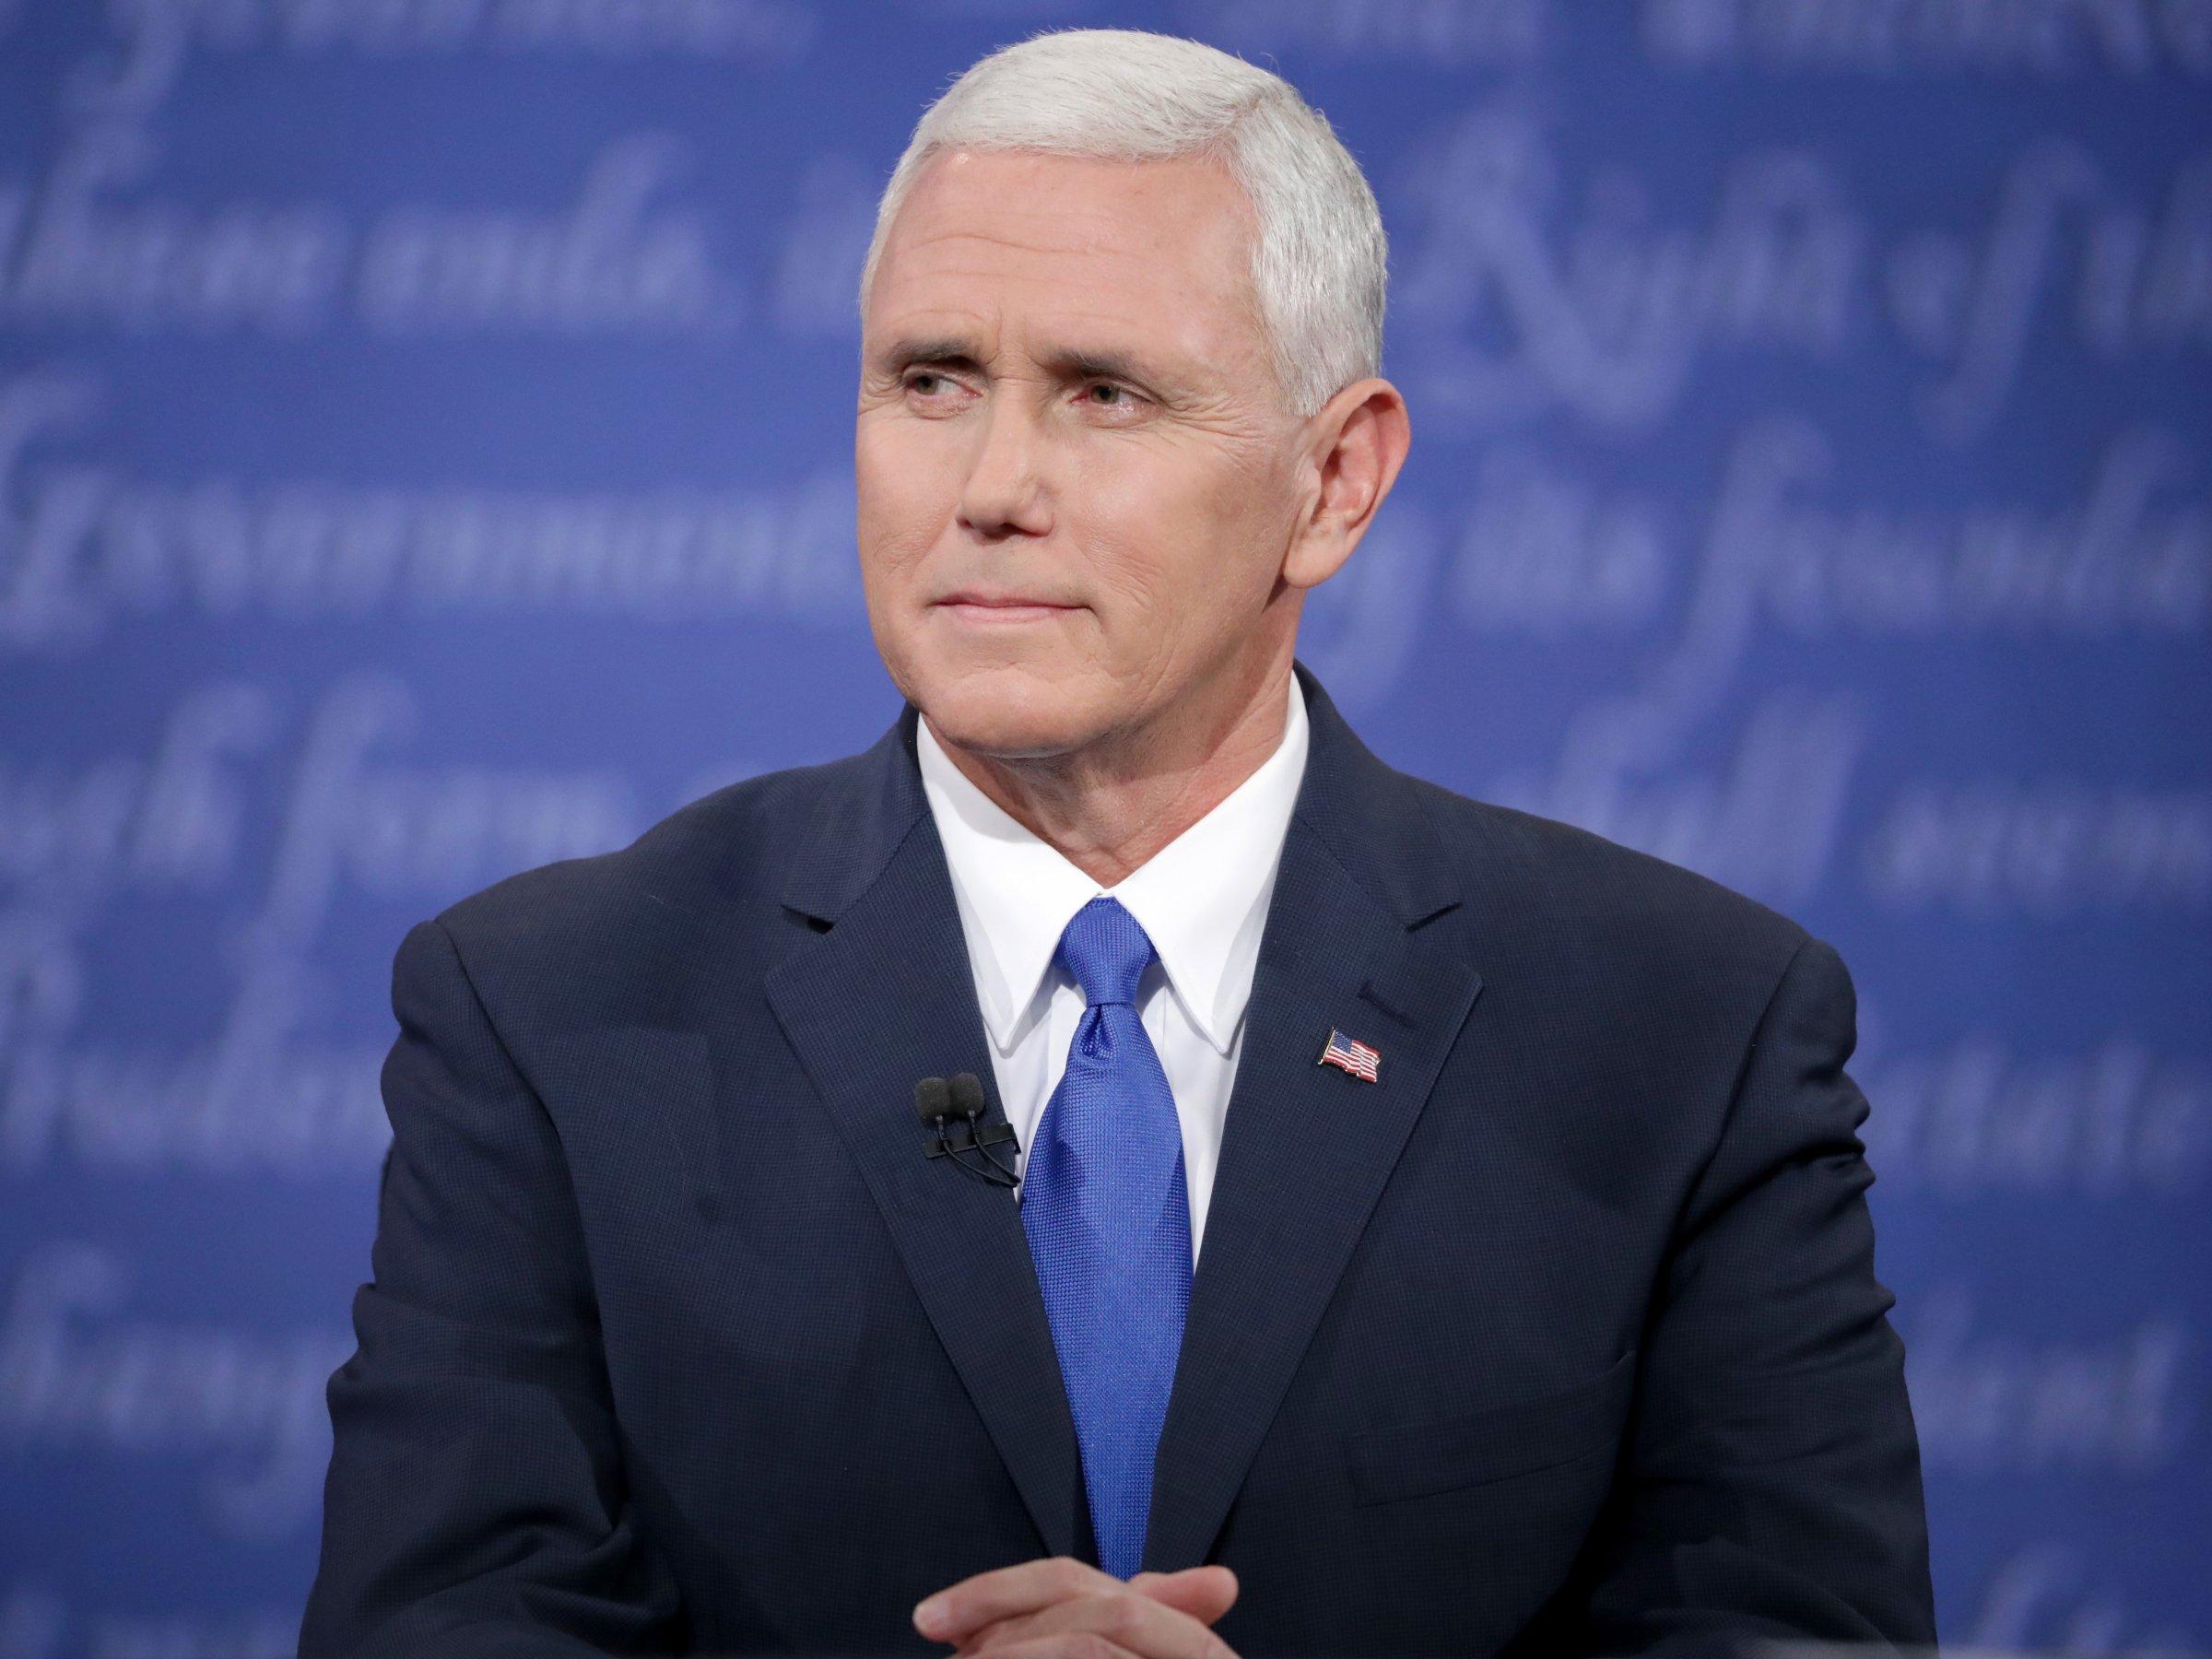 """""""Esa cosa mexicana"""", la frase que perseguirá a Mike Pence y Donald Trump"""